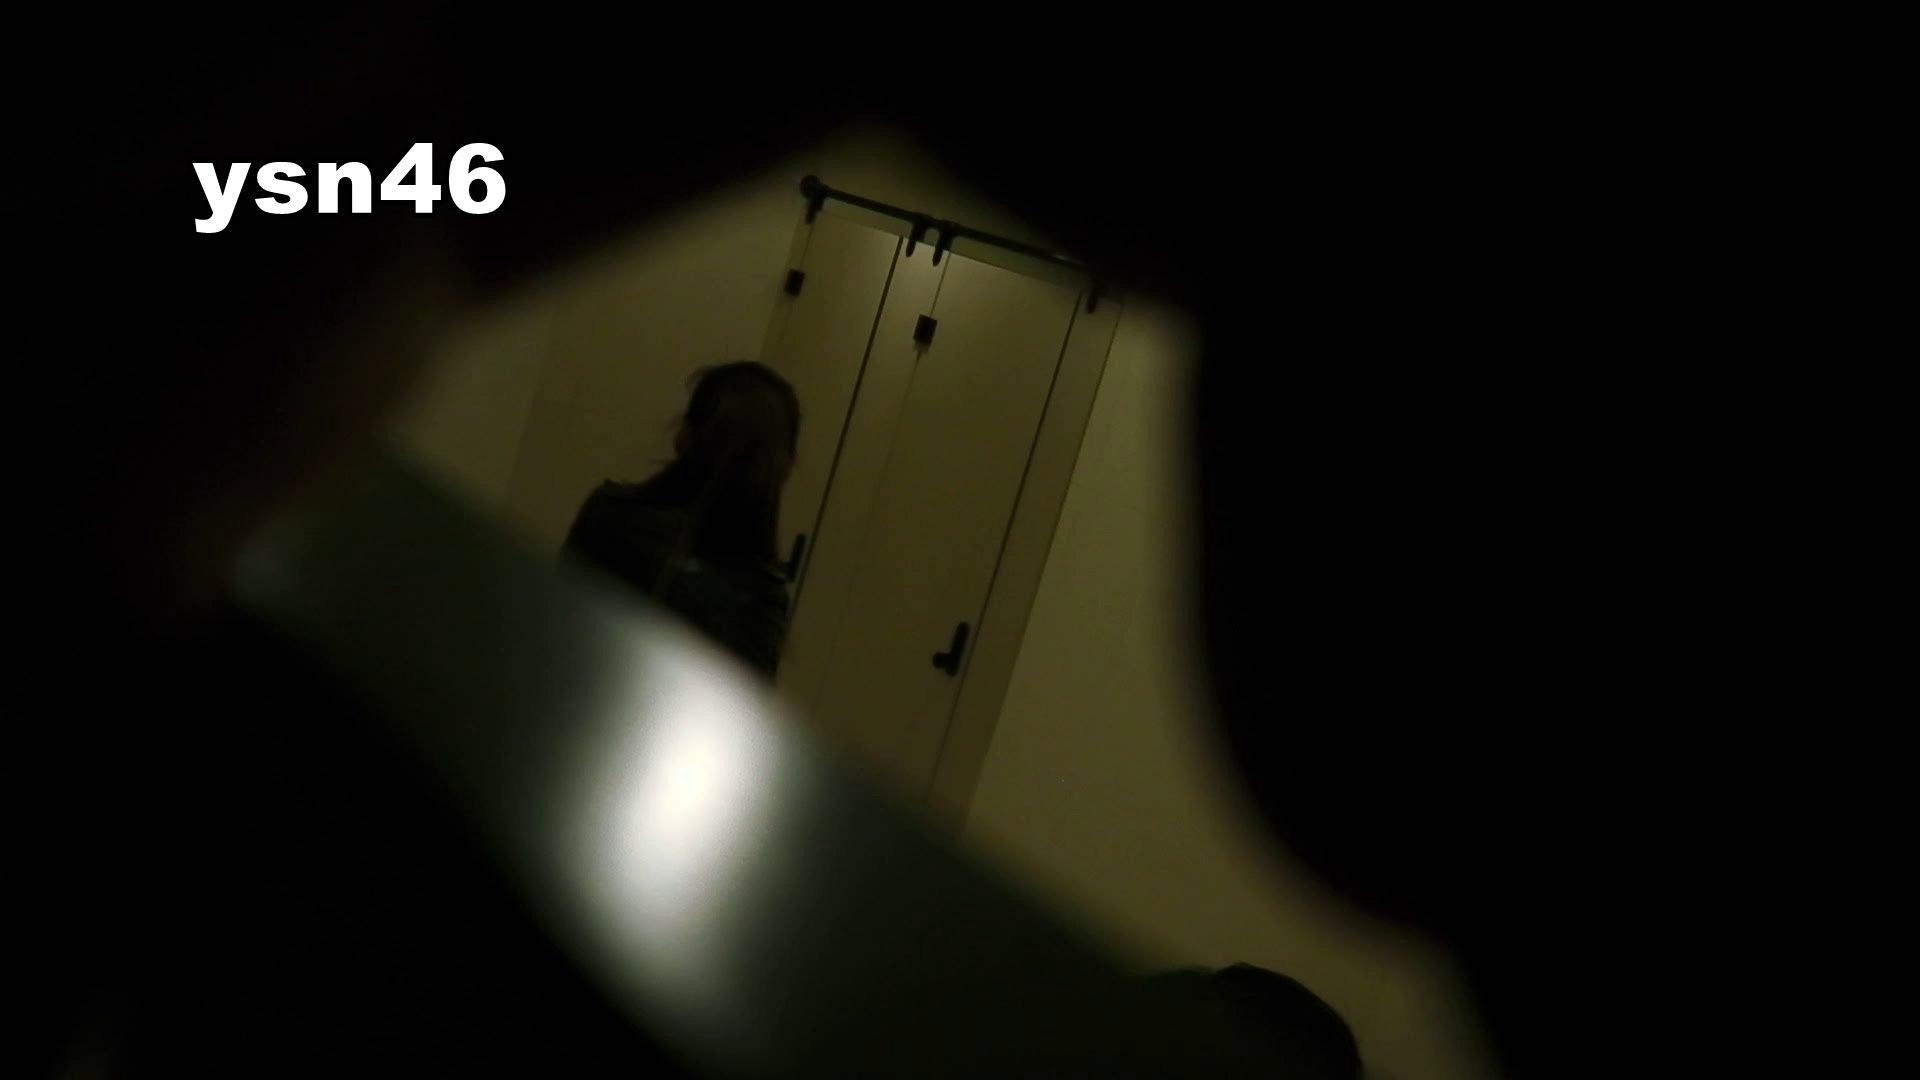 セックスアダルト動画|世界の射窓から vol.46 尻出しエプロン|怪盗ジョーカー